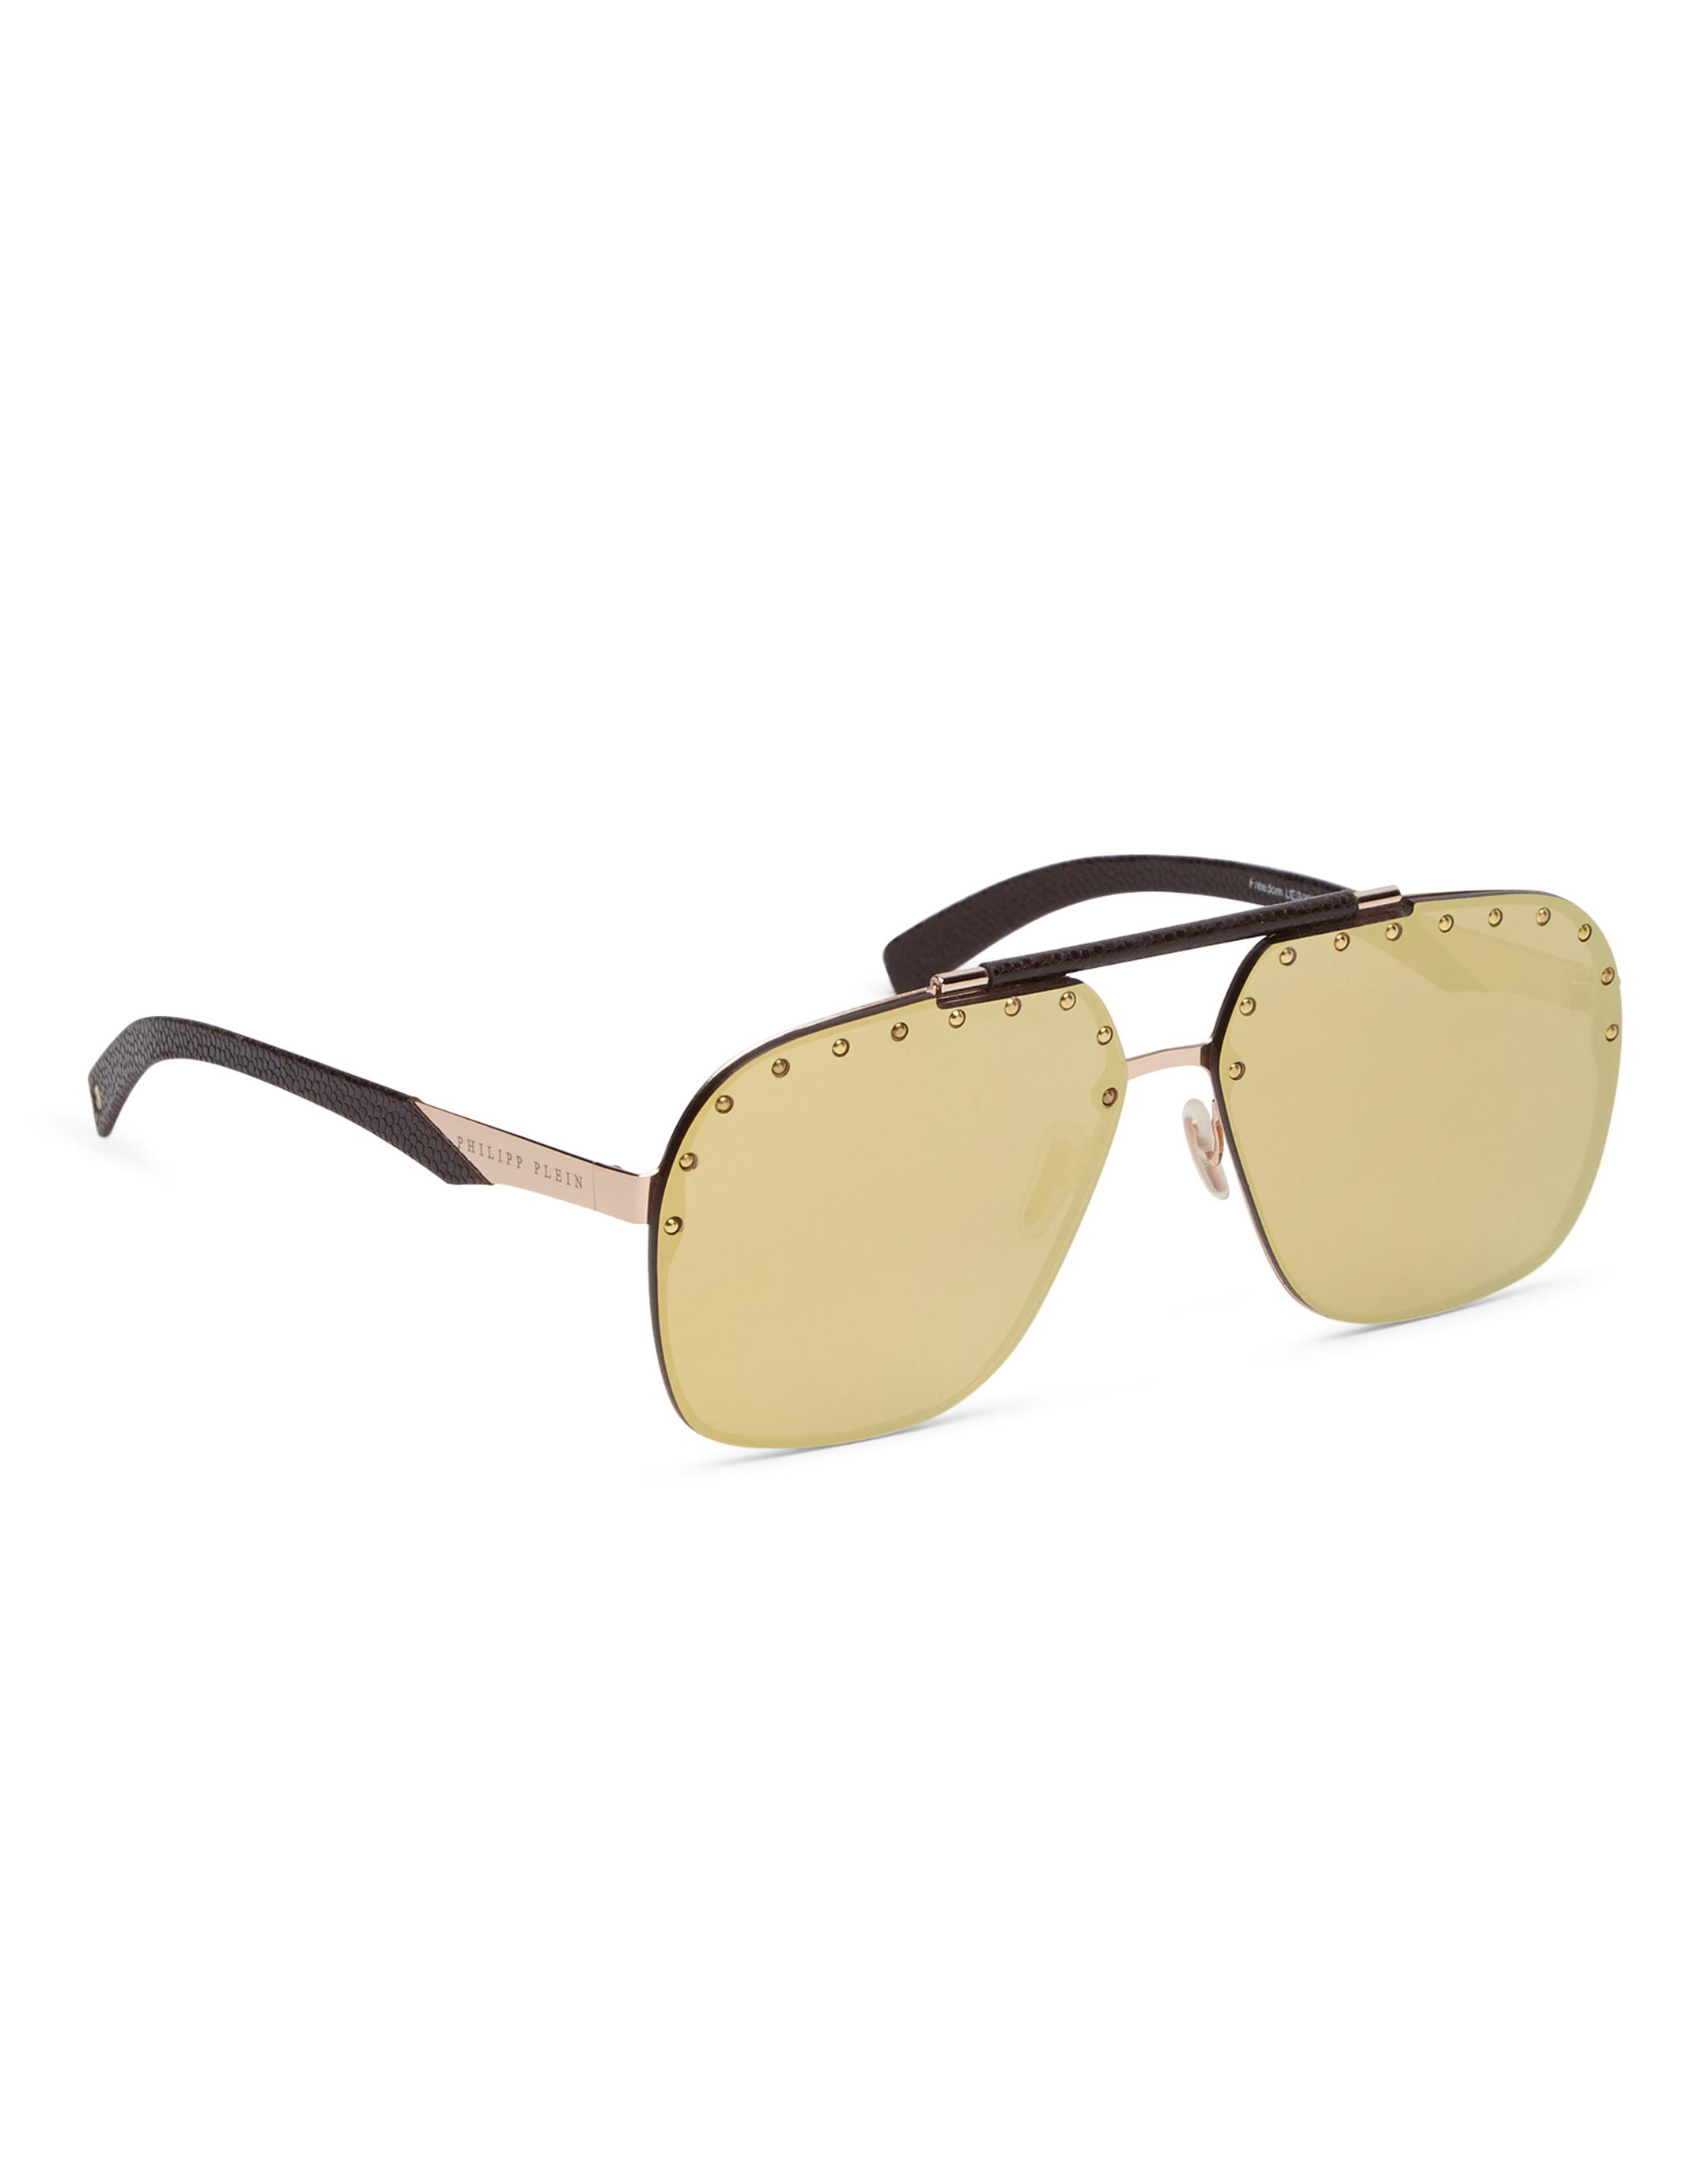 Philipp Plein Sunglasses Freedom Studded